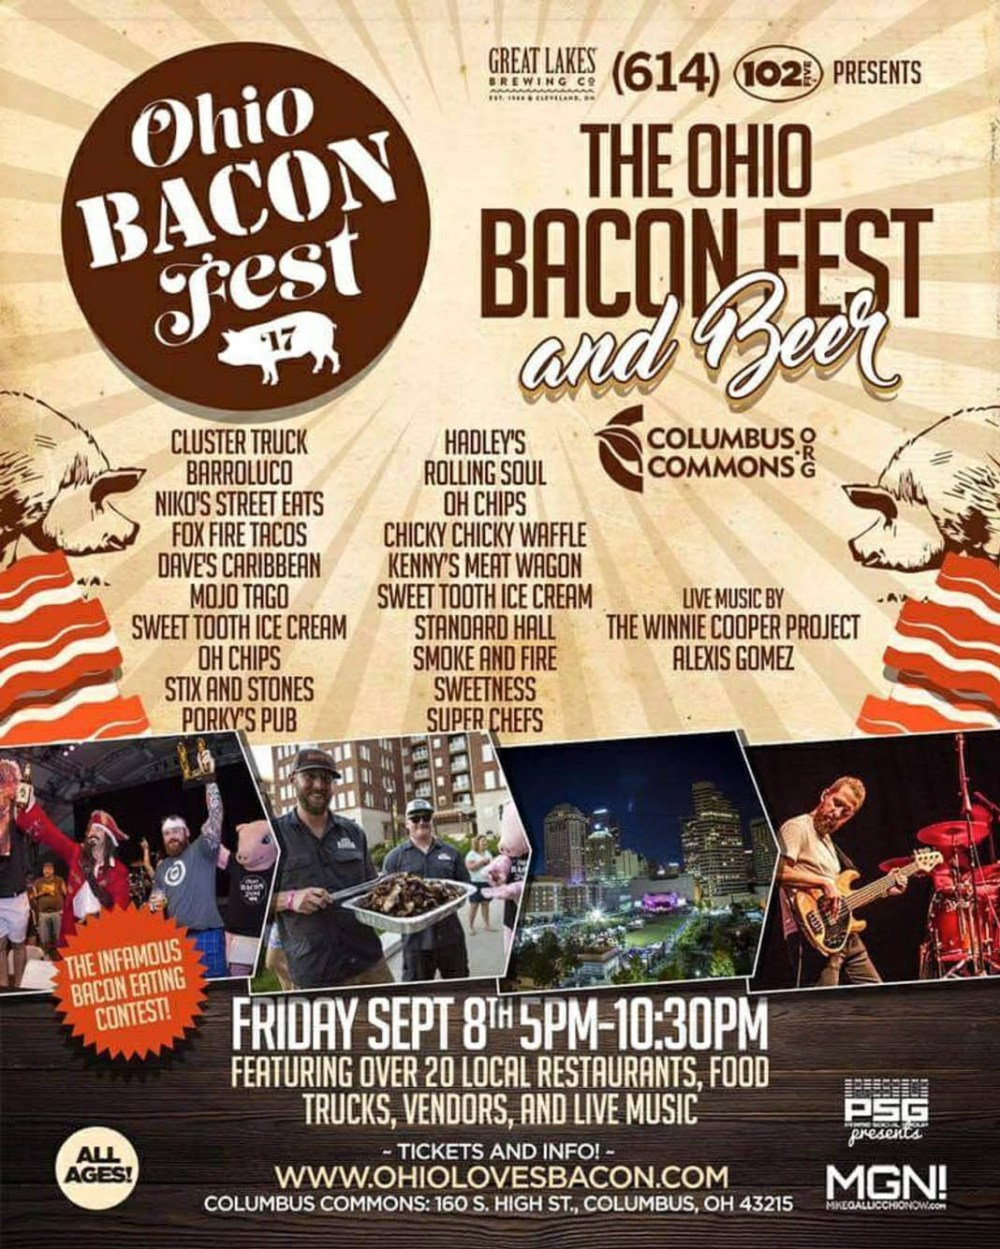 Ohio Bacon Fest's Flyer